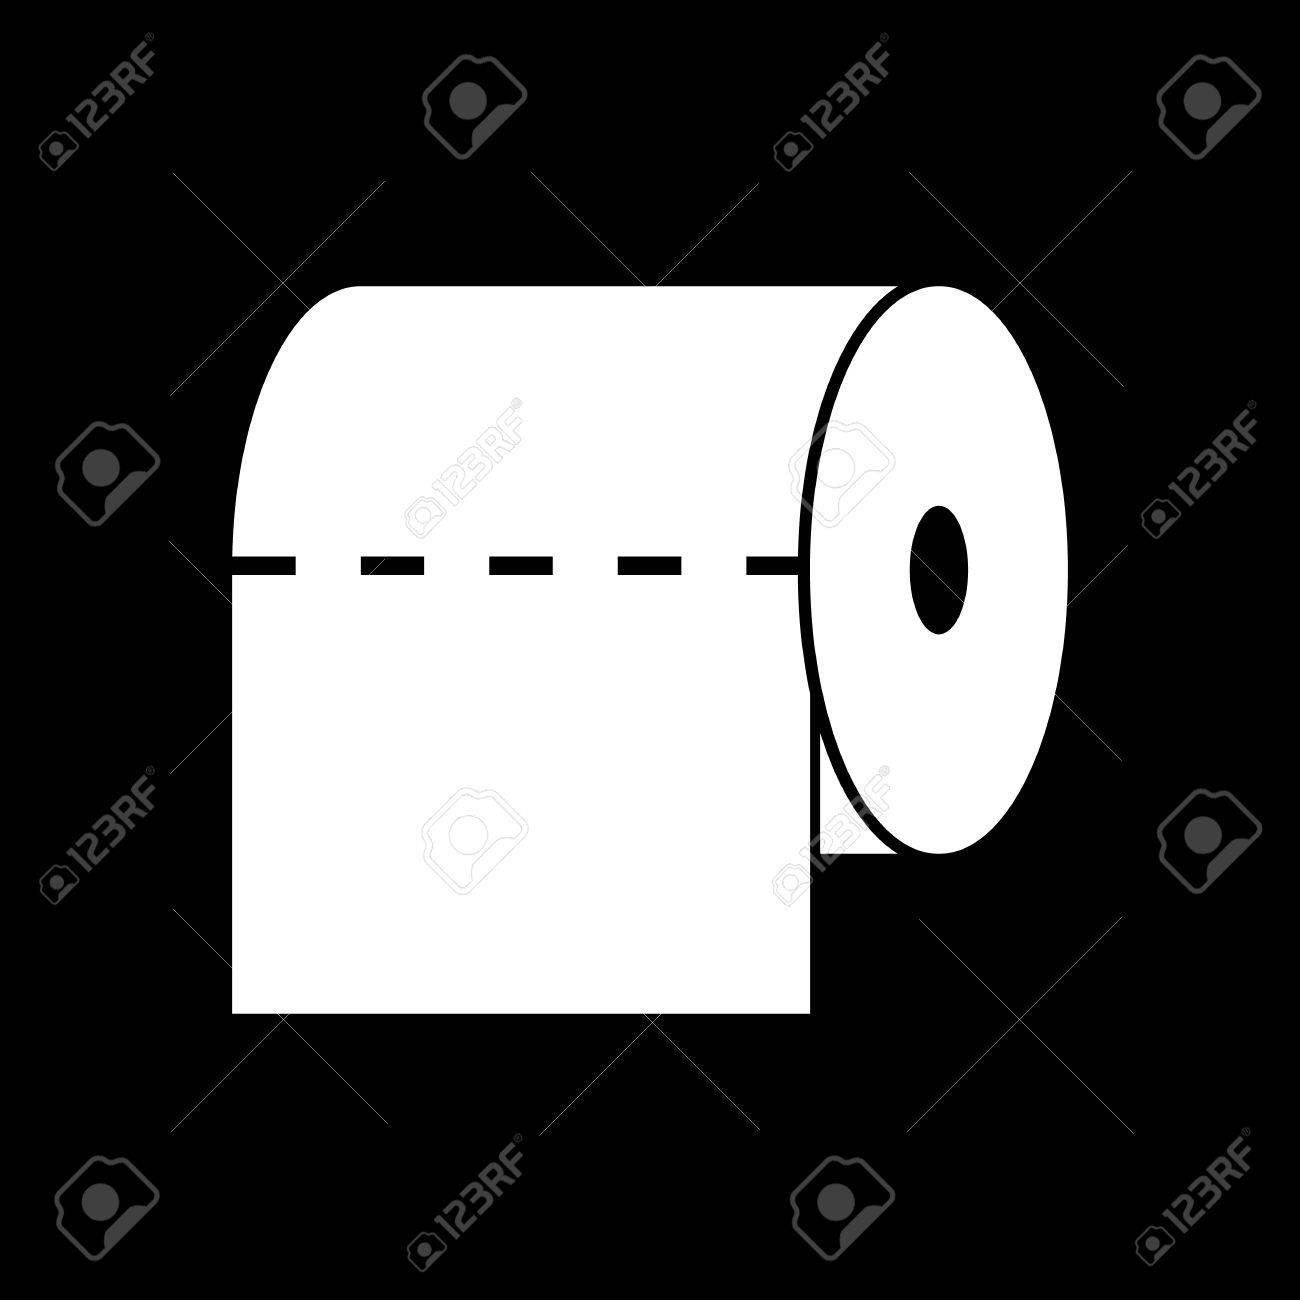 Handtuch Und Schrank, Toilette, Badezimmer Symbol. Wohnung